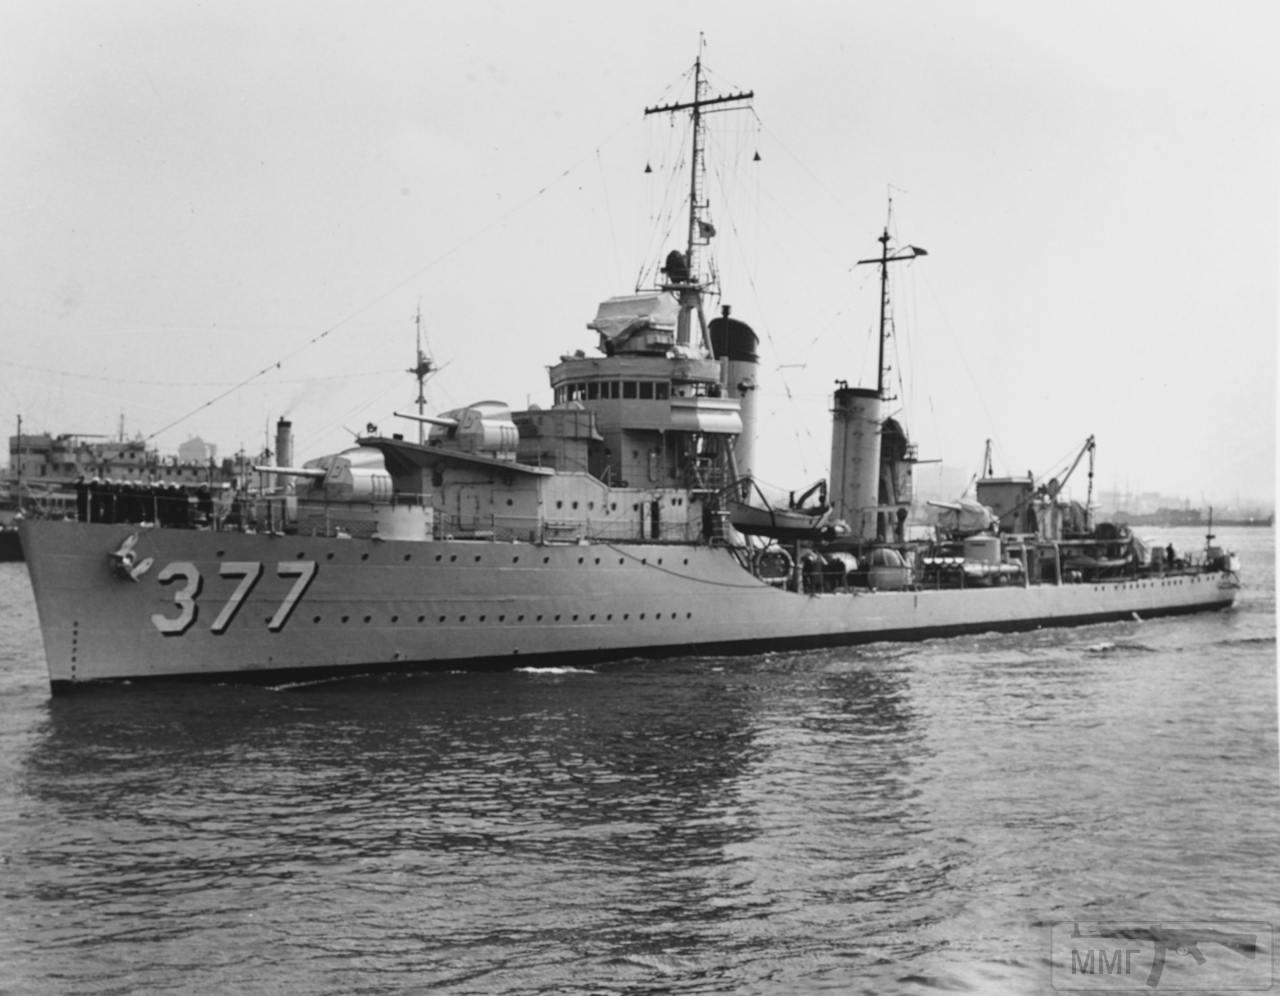 55908 - USS Perkins (DD-377)